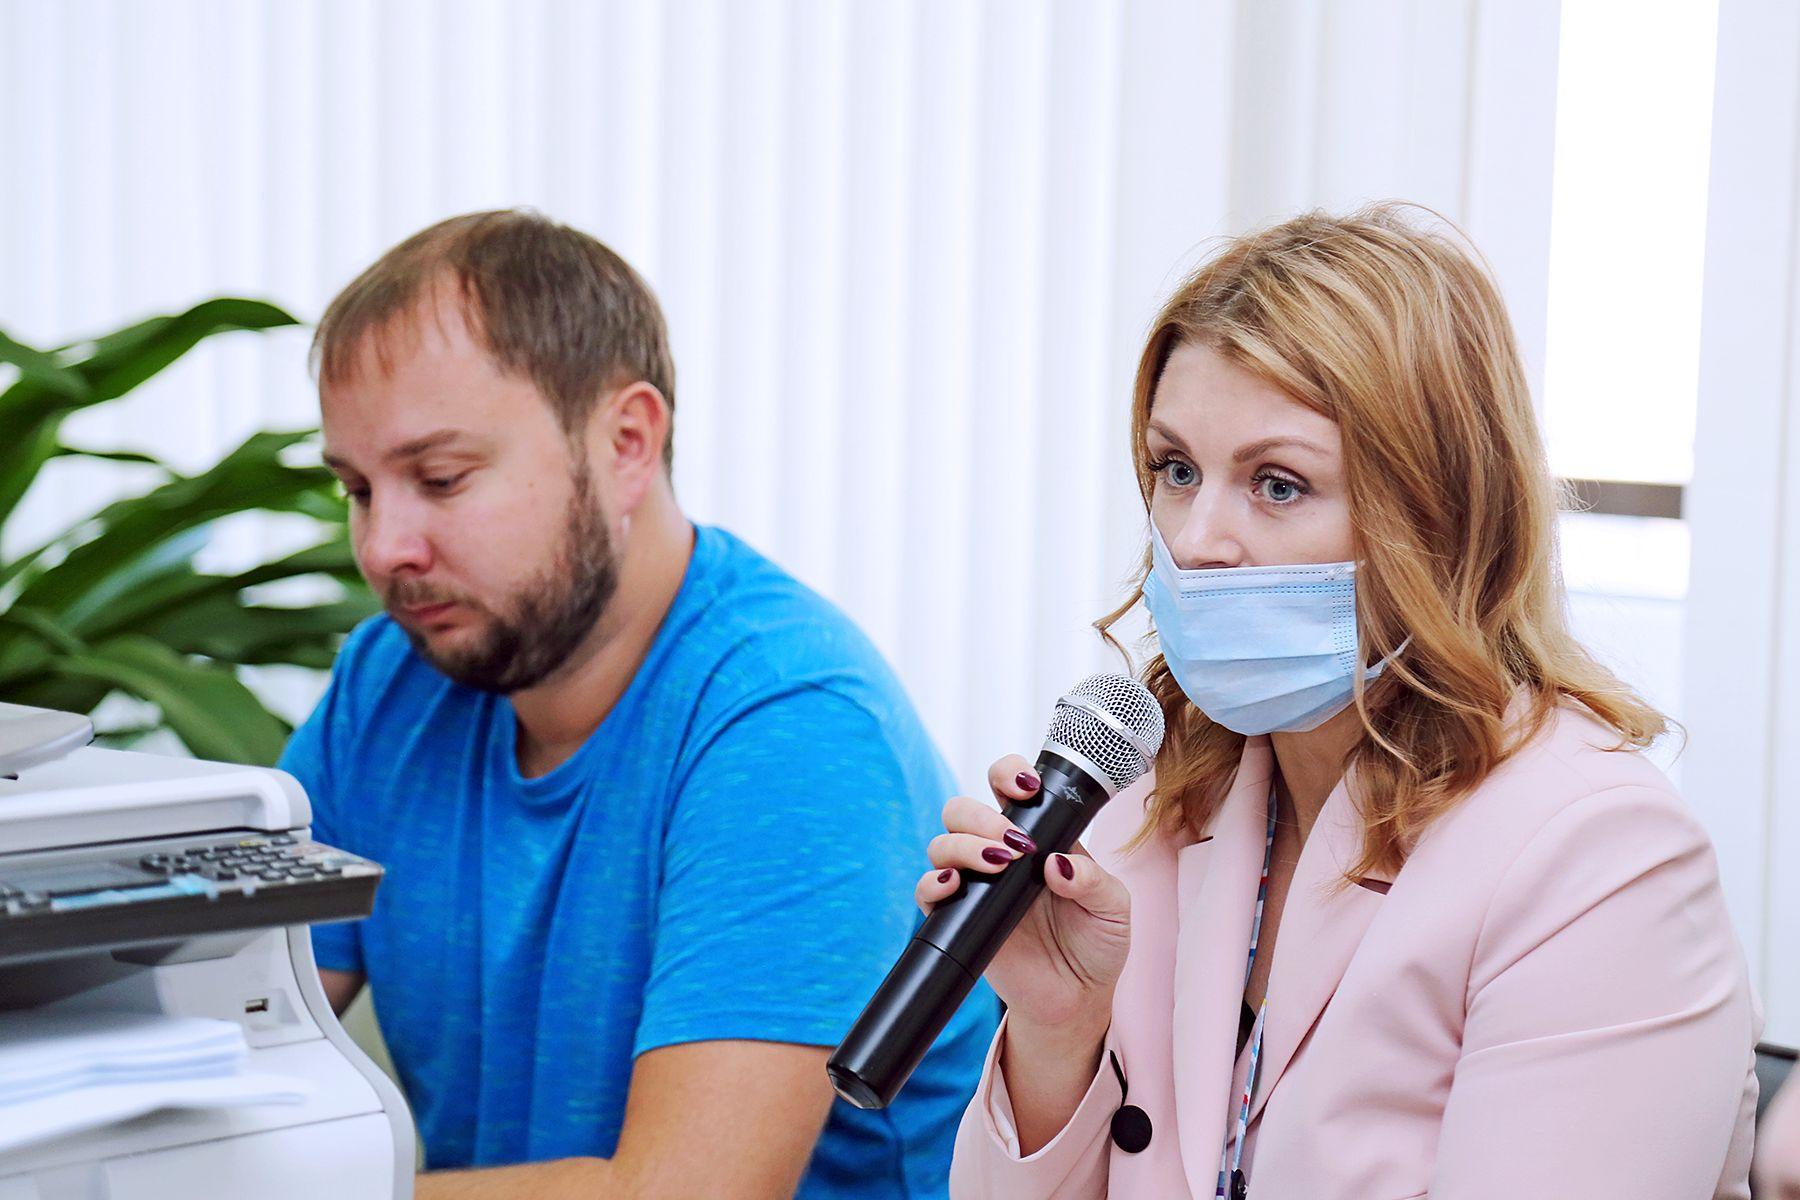 Новые лидеры в системе СПО: во ВГУЭС завершился первый модуль программы Московской школы управления СКОЛКОВО